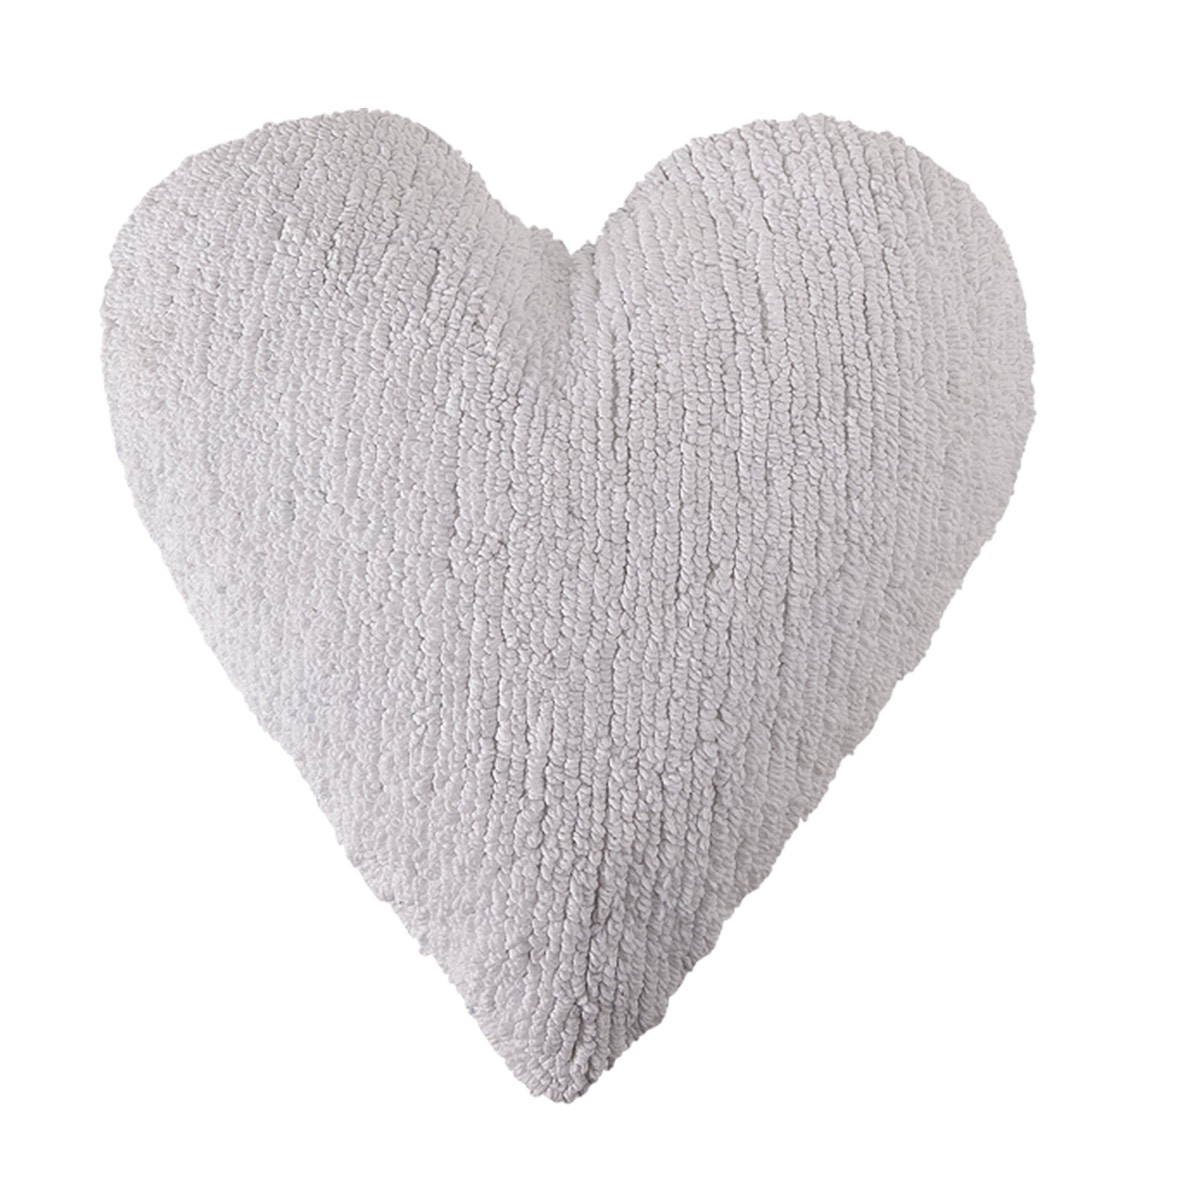 Διακοσμητικό Μαξιλάρι Lorena Canals Heart White